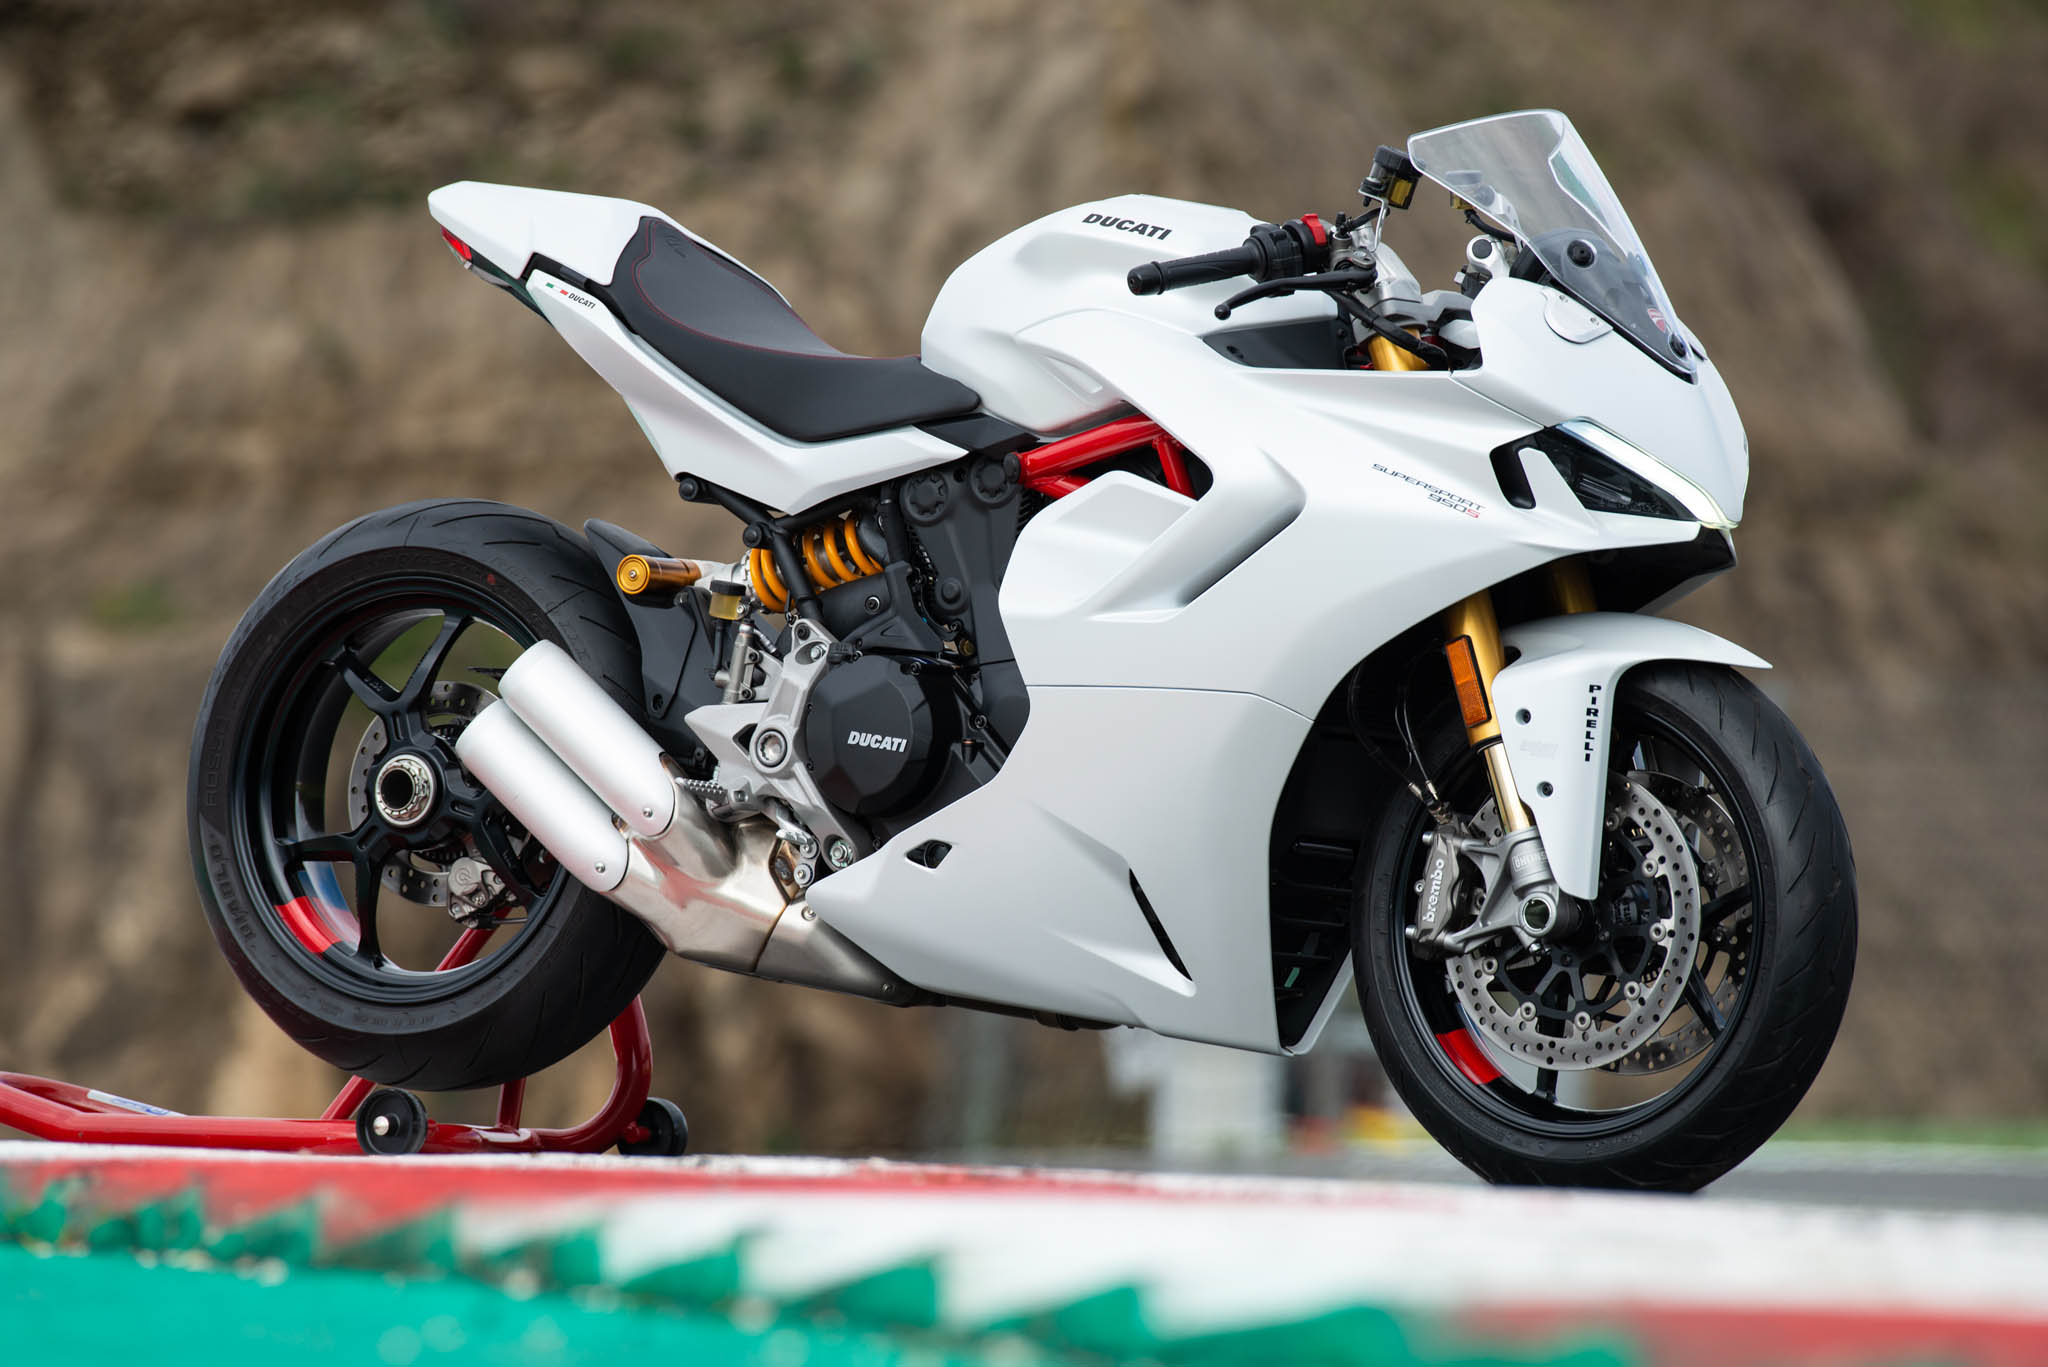 Ducati_SuperSport_950_2021_details-18